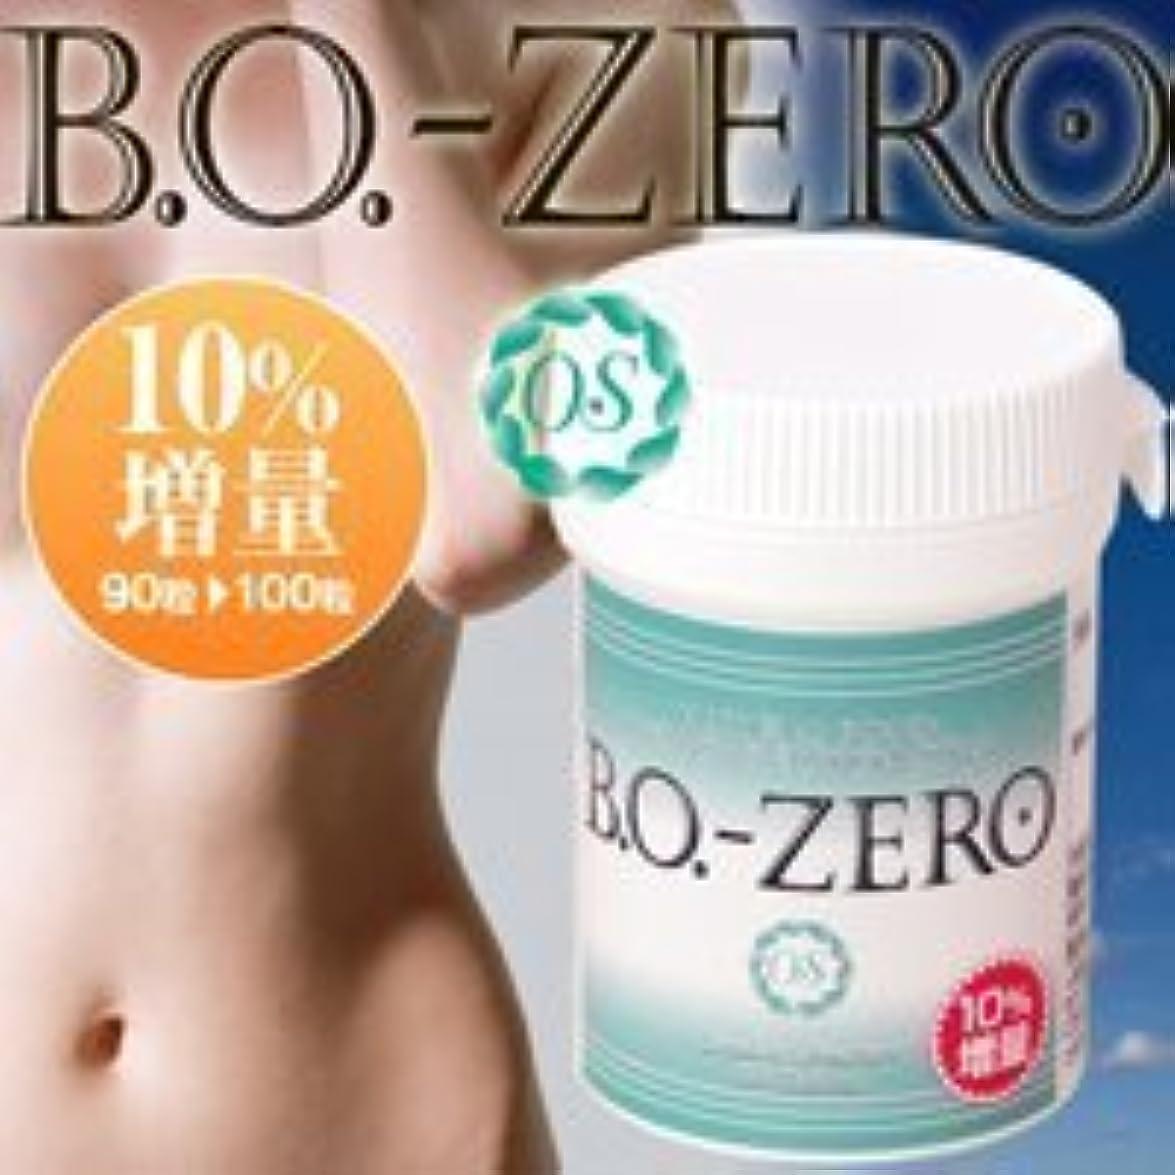 ブラケット眩惑する妖精BO ZERO (ビーオー ゼロ) 10%増量×2個セット?  体臭 口臭 汗臭 ワキガ などの対策に